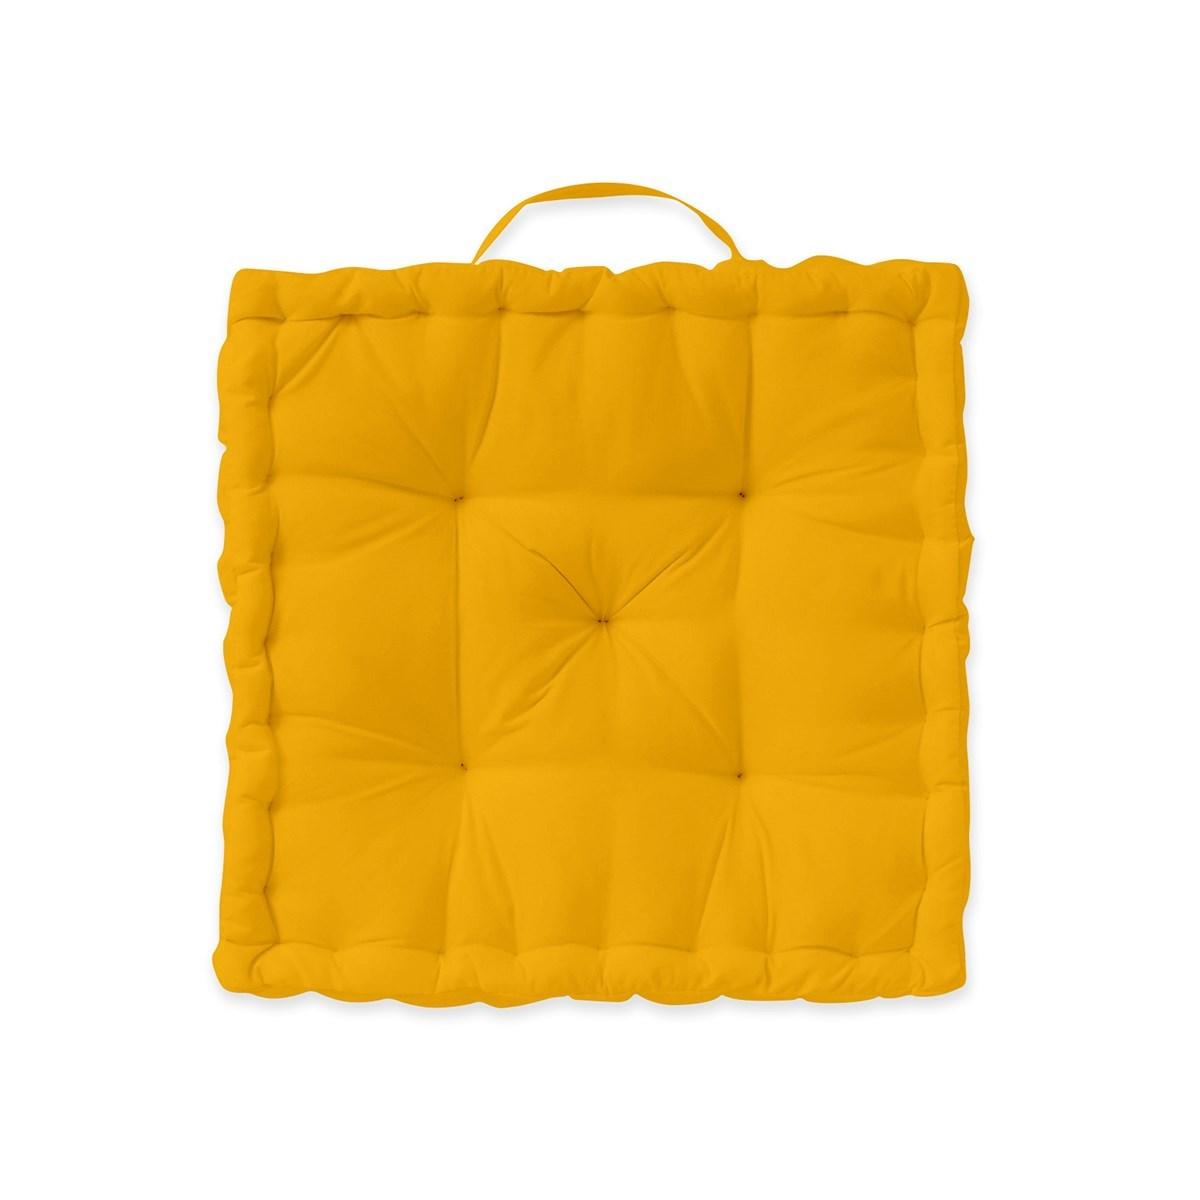 Coussin de sol en Coton Jaune 40x40 cm